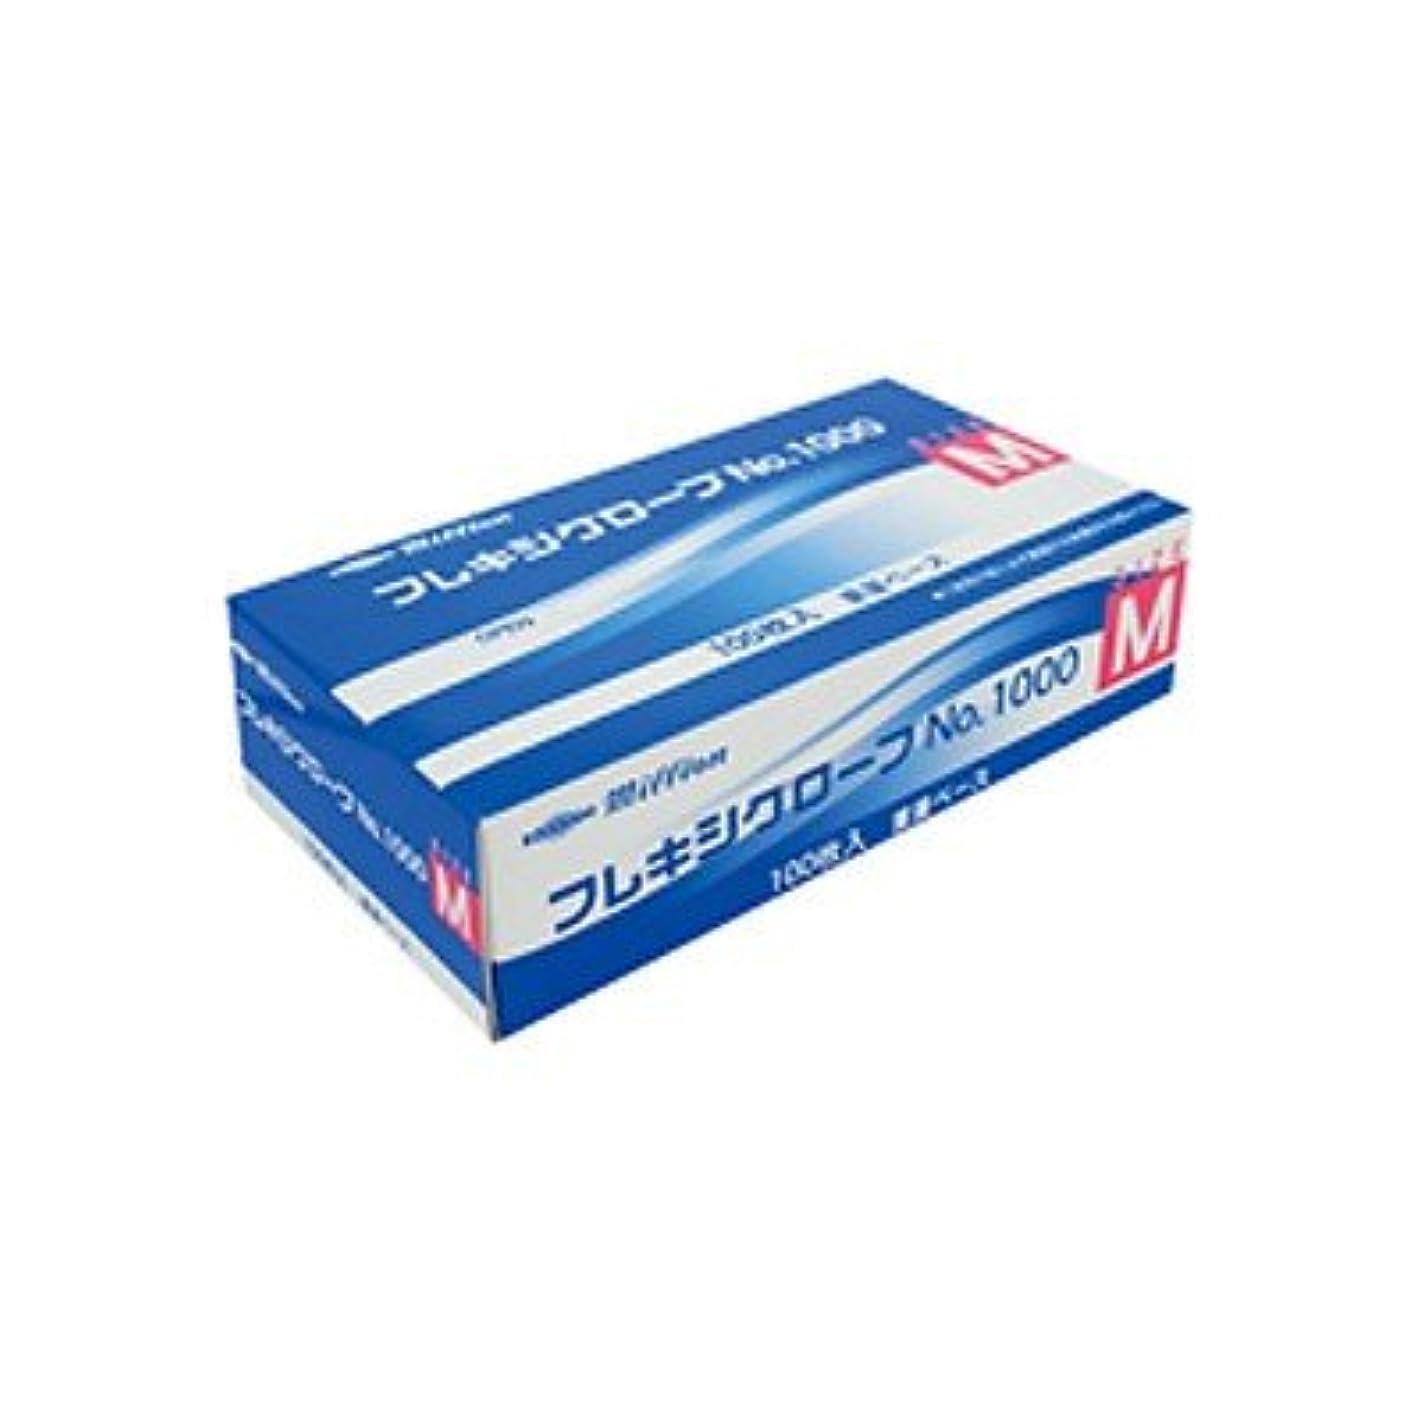 スピーカー貝殻患者ミリオン プラスチック手袋 粉付No.1000 M 品番:LH-1000-M 注文番号:62741545 メーカー:共和